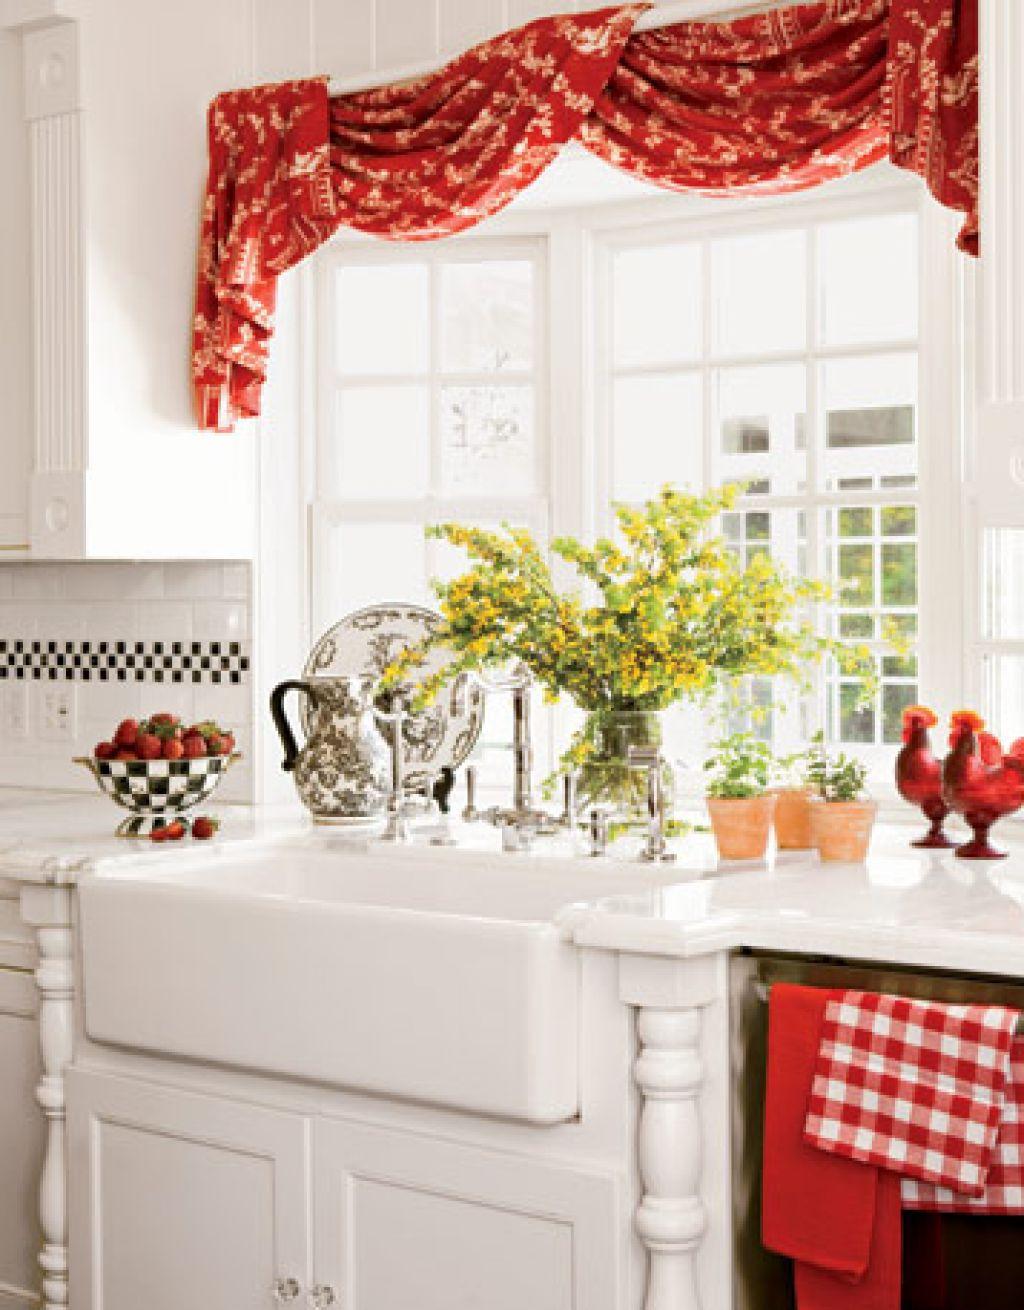 gode-smukke-køkken-gardiner-hd9h19